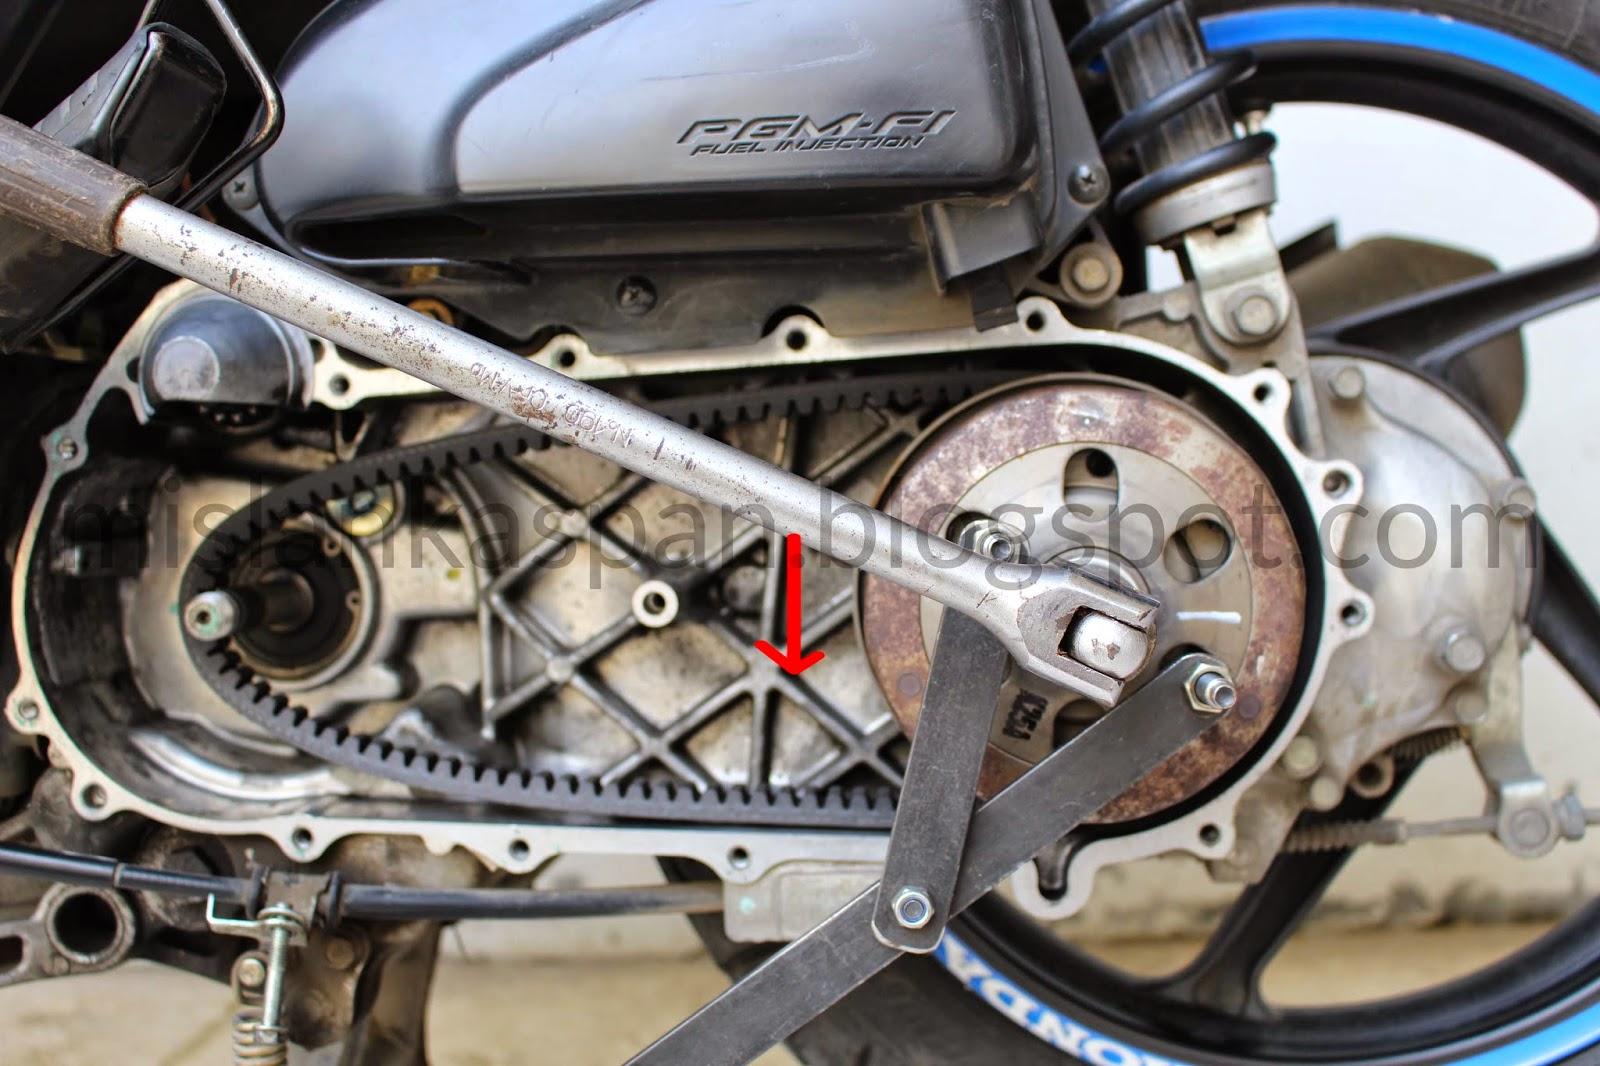 Cara Bongkar Komponen Cvt Honda Beat Fi Mislankaspan Rumah Roller Karbu Scoopy Spacy Langkah Keempat Buka Mur Driven Pulleypulley Belakang Dengan Menggunakan Kunci Shock 19 Dan Alat Penahan Pulley